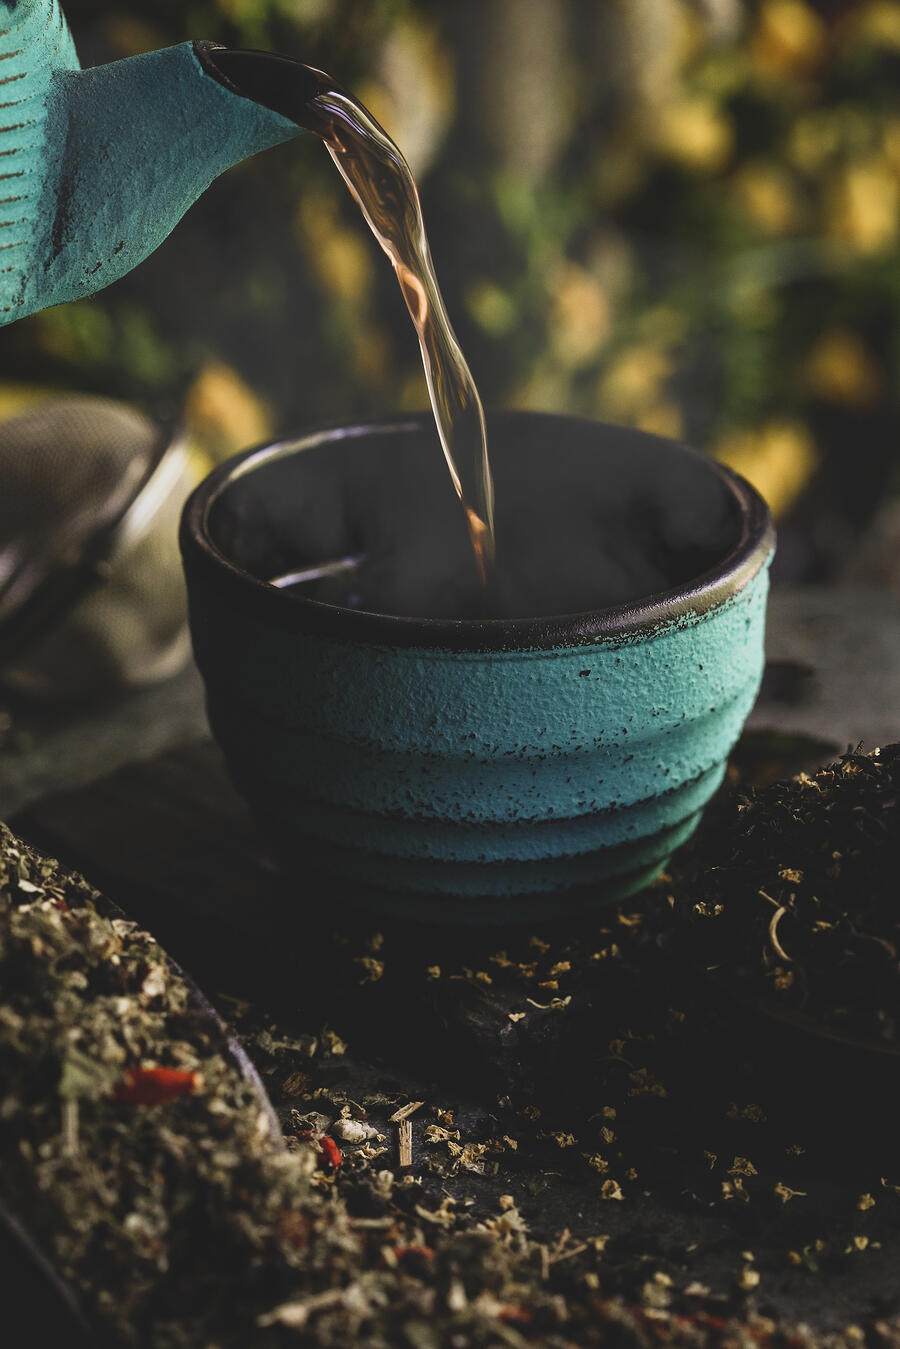 A tea pot pouring tea.